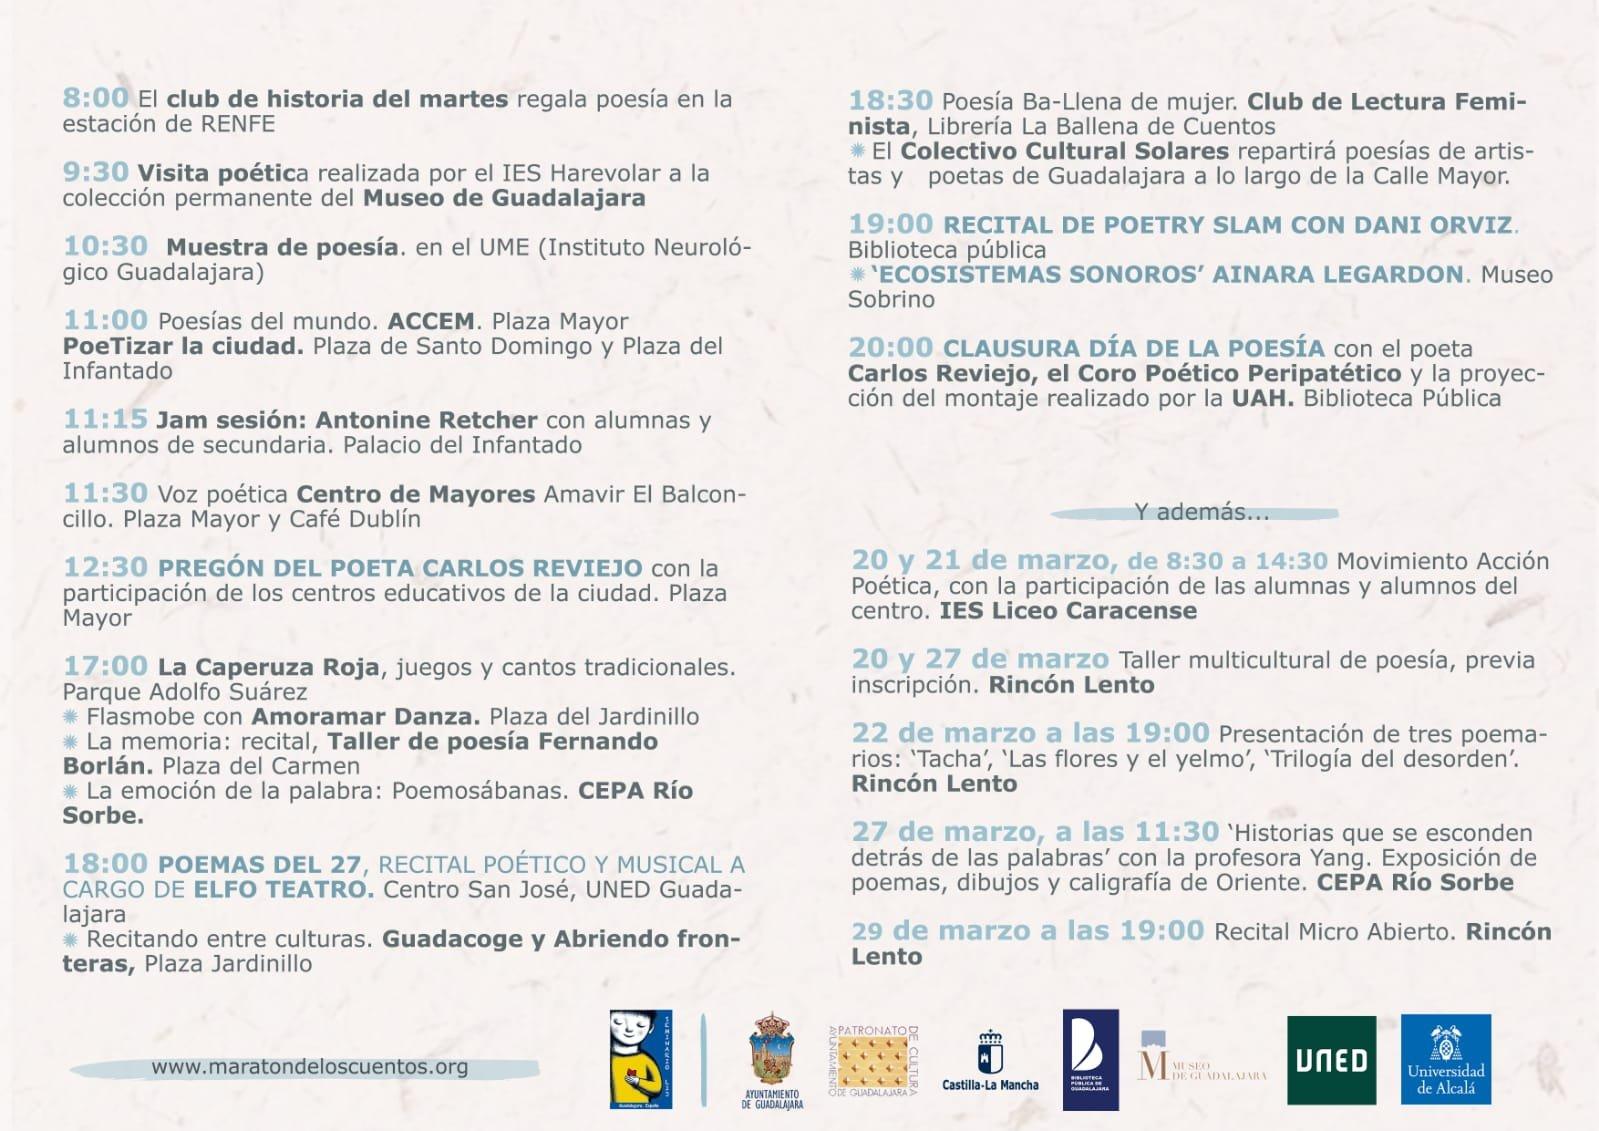 programa-dia-de-la-poesia-guadalajara-2019